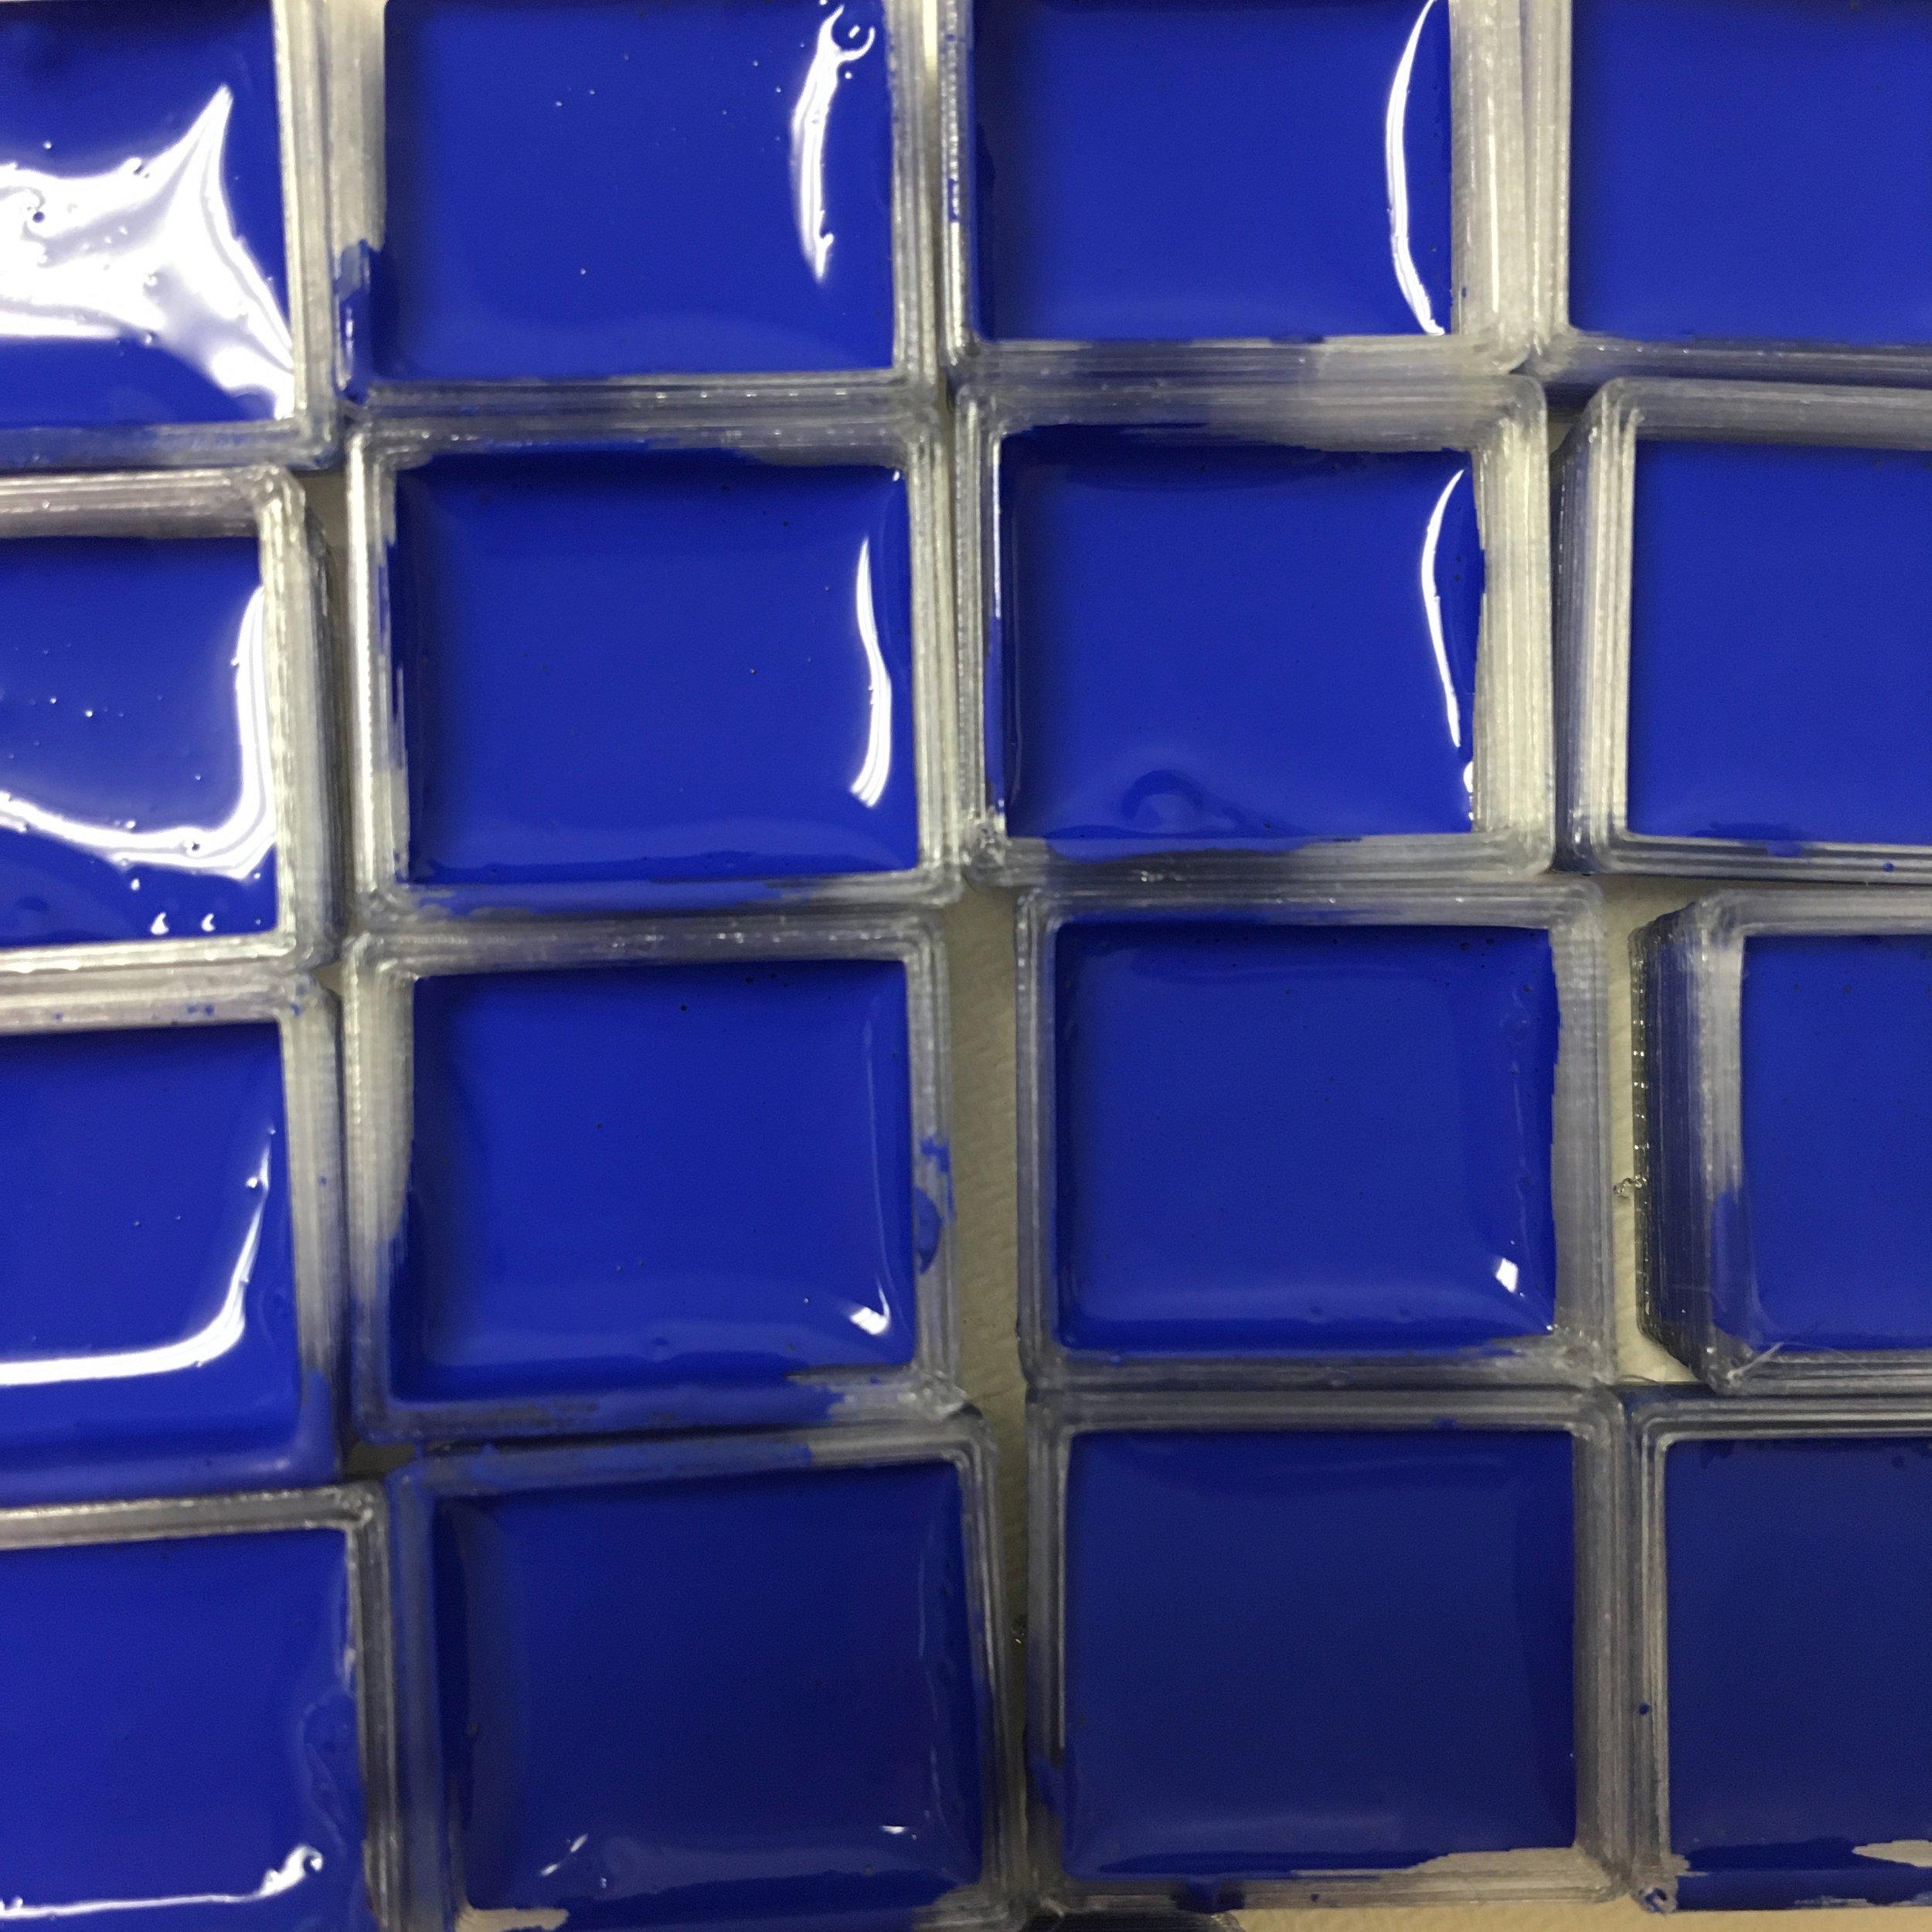 cobalt blue pans.jpg